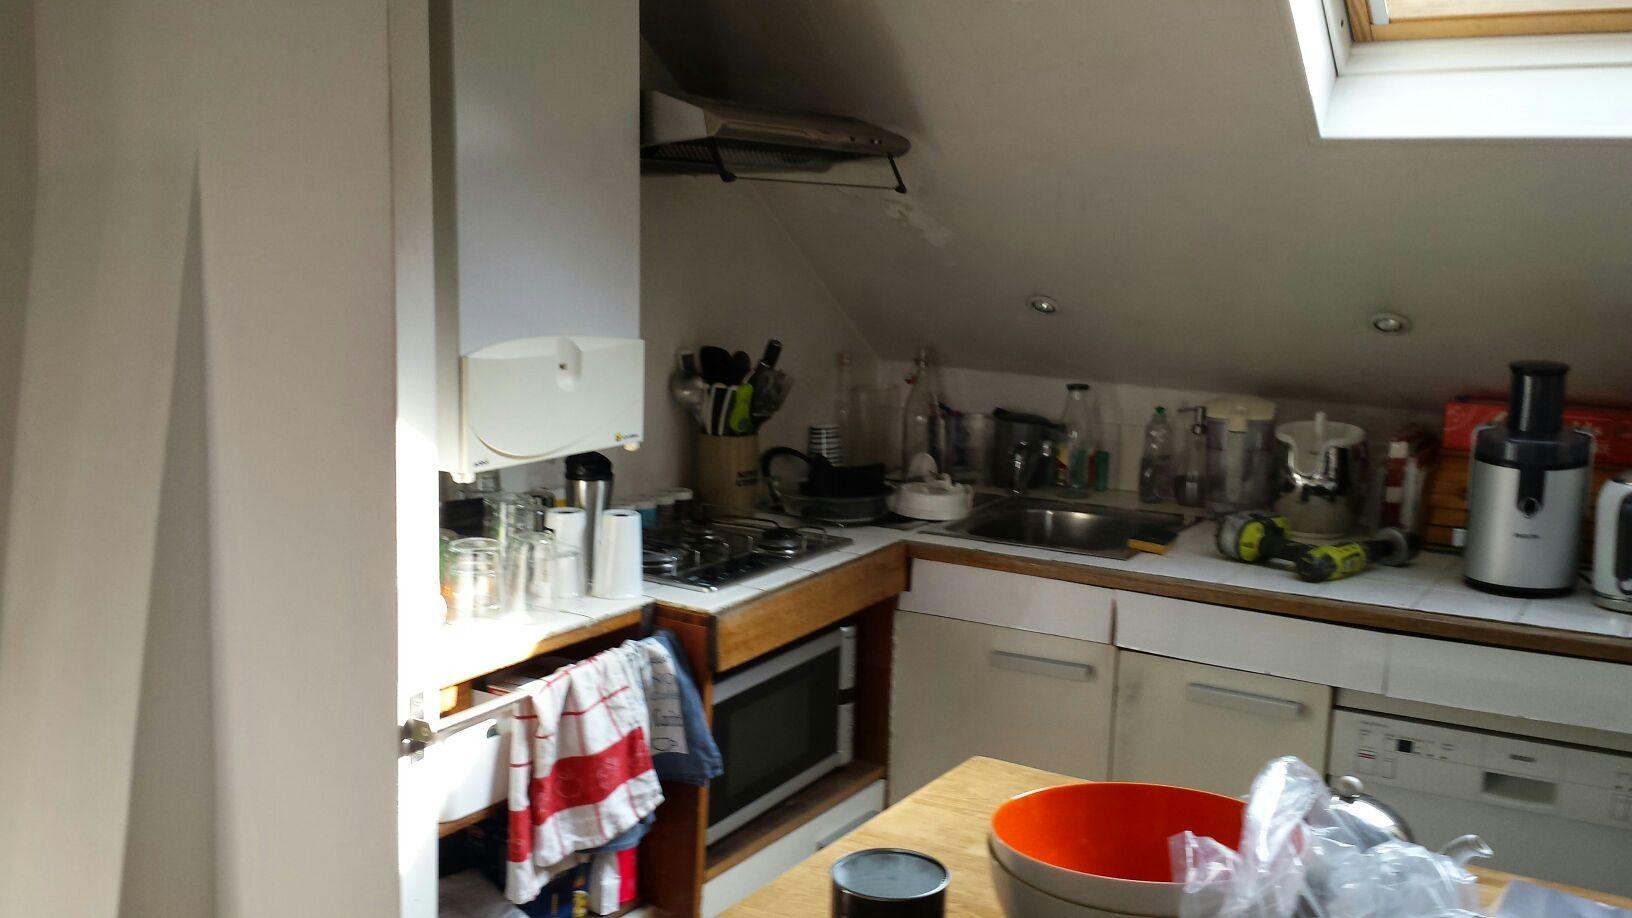 Bebe chambre humidite - Cuisine sur mesure ikea ...